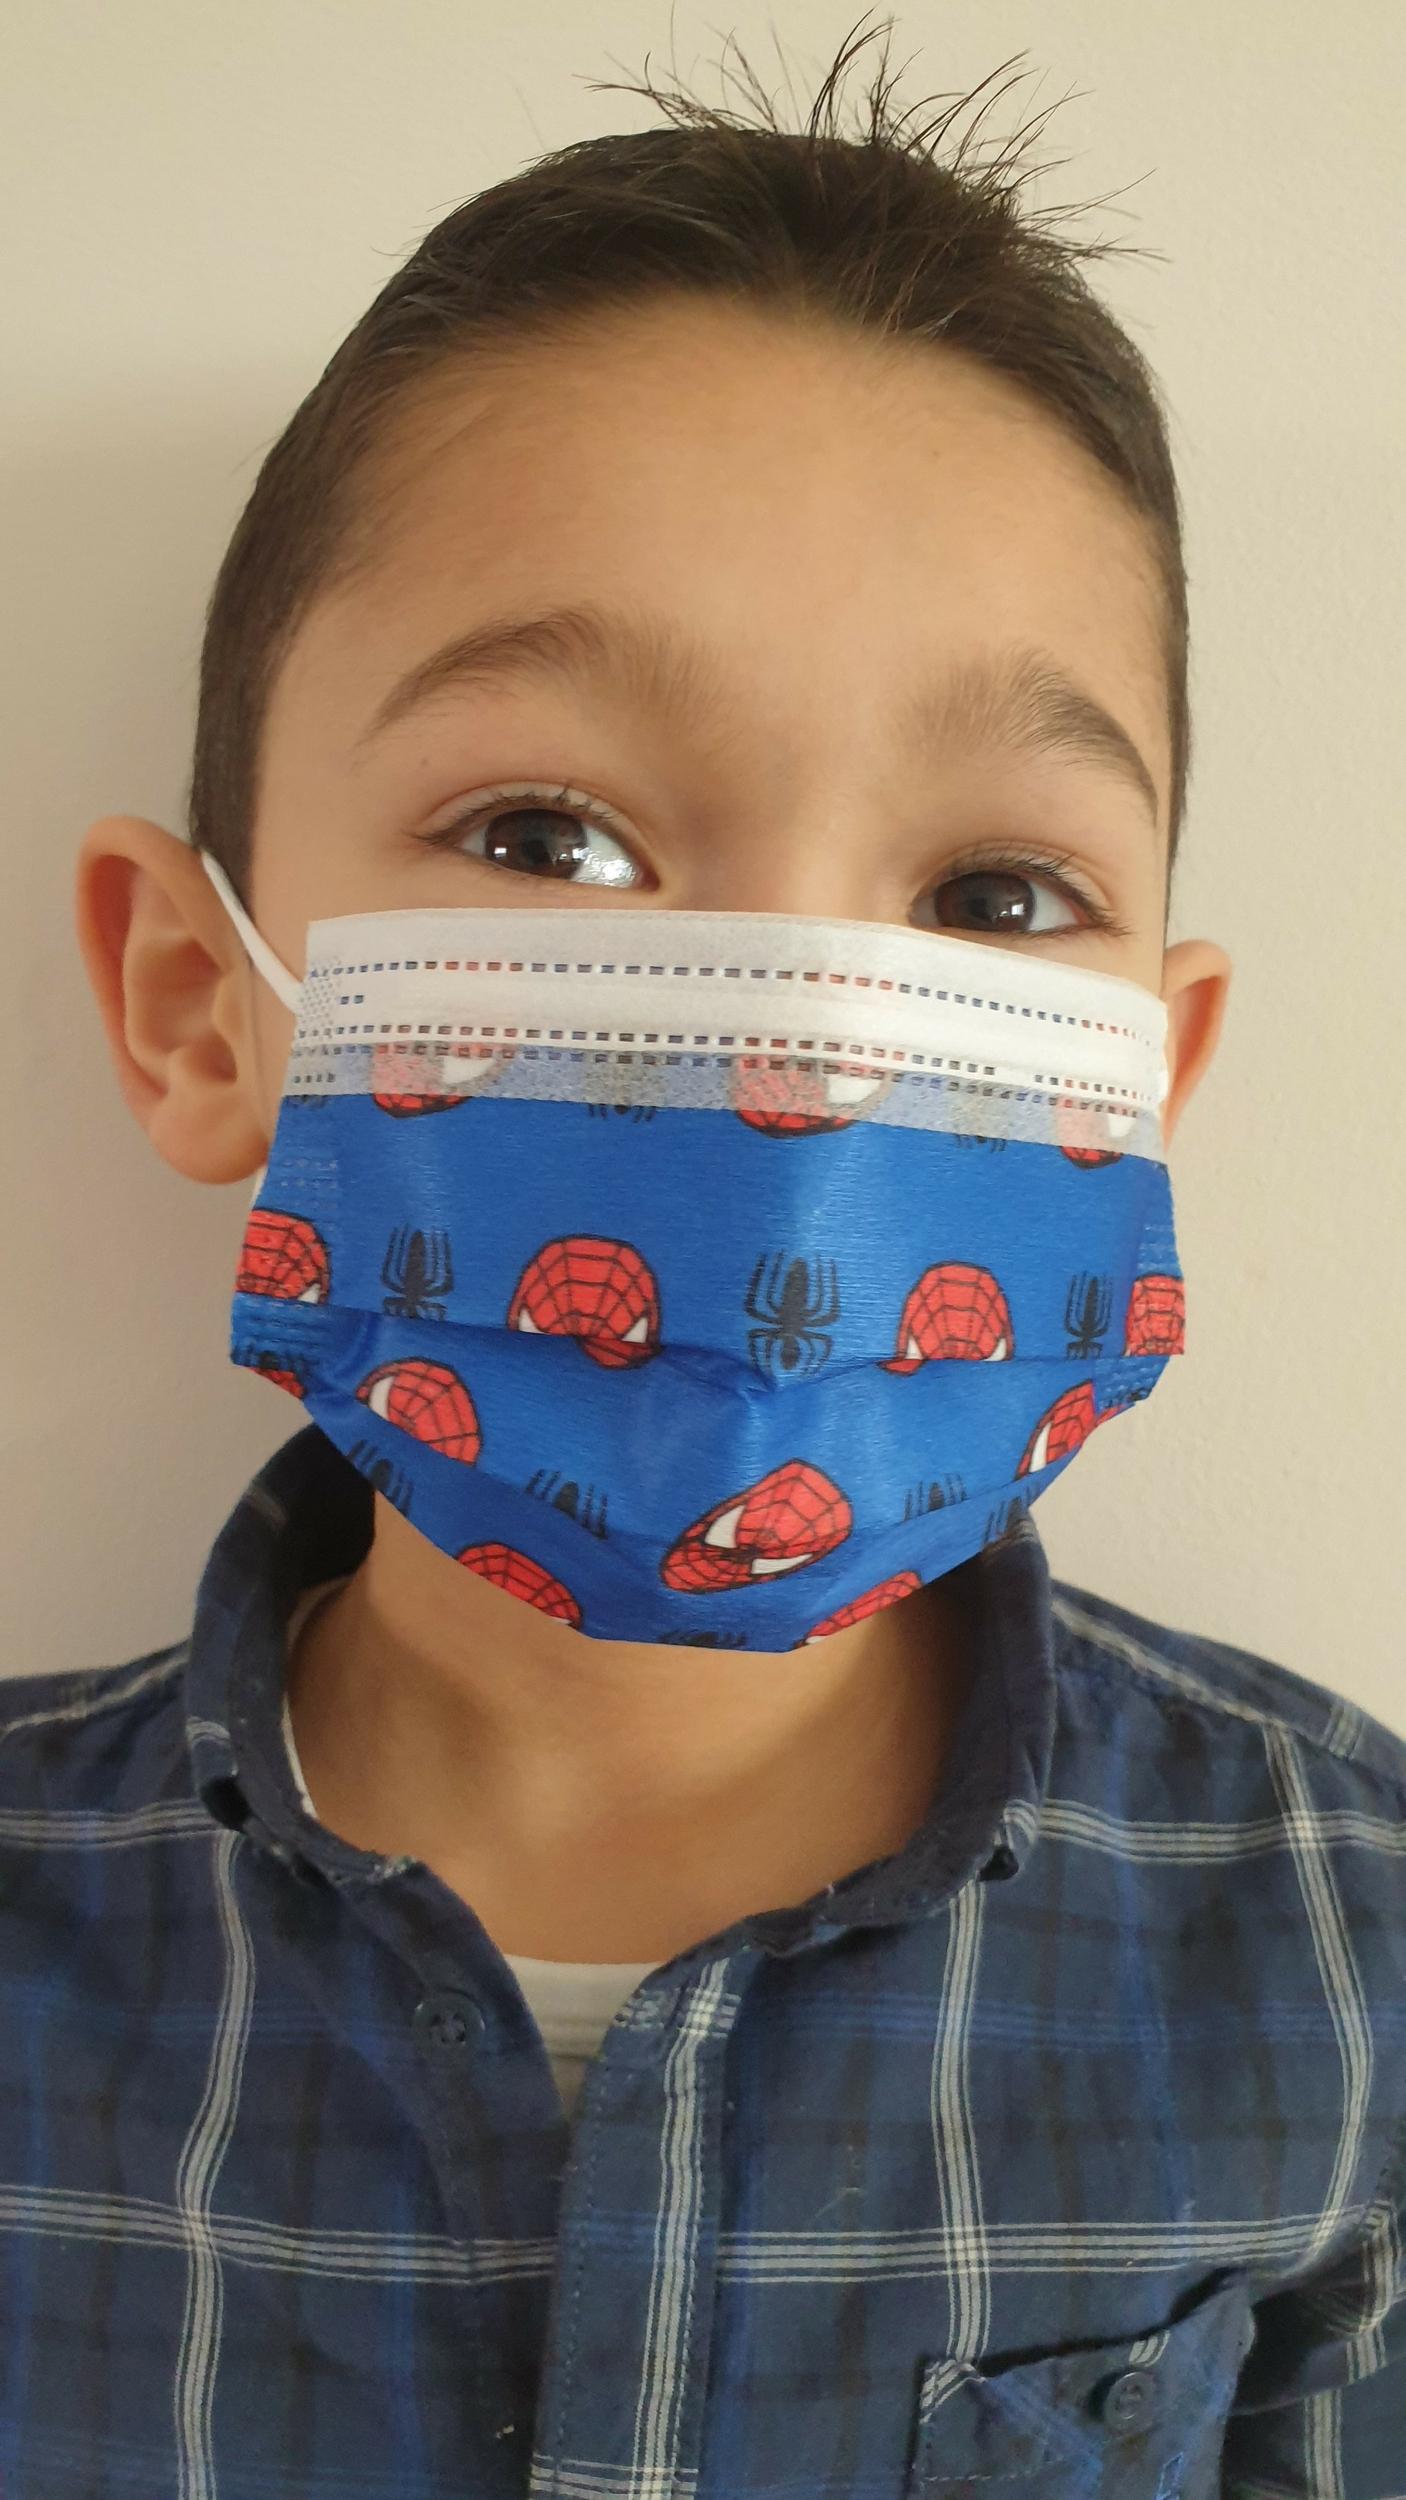 Masques chirurgicaux jetables Spiderman pour enfants